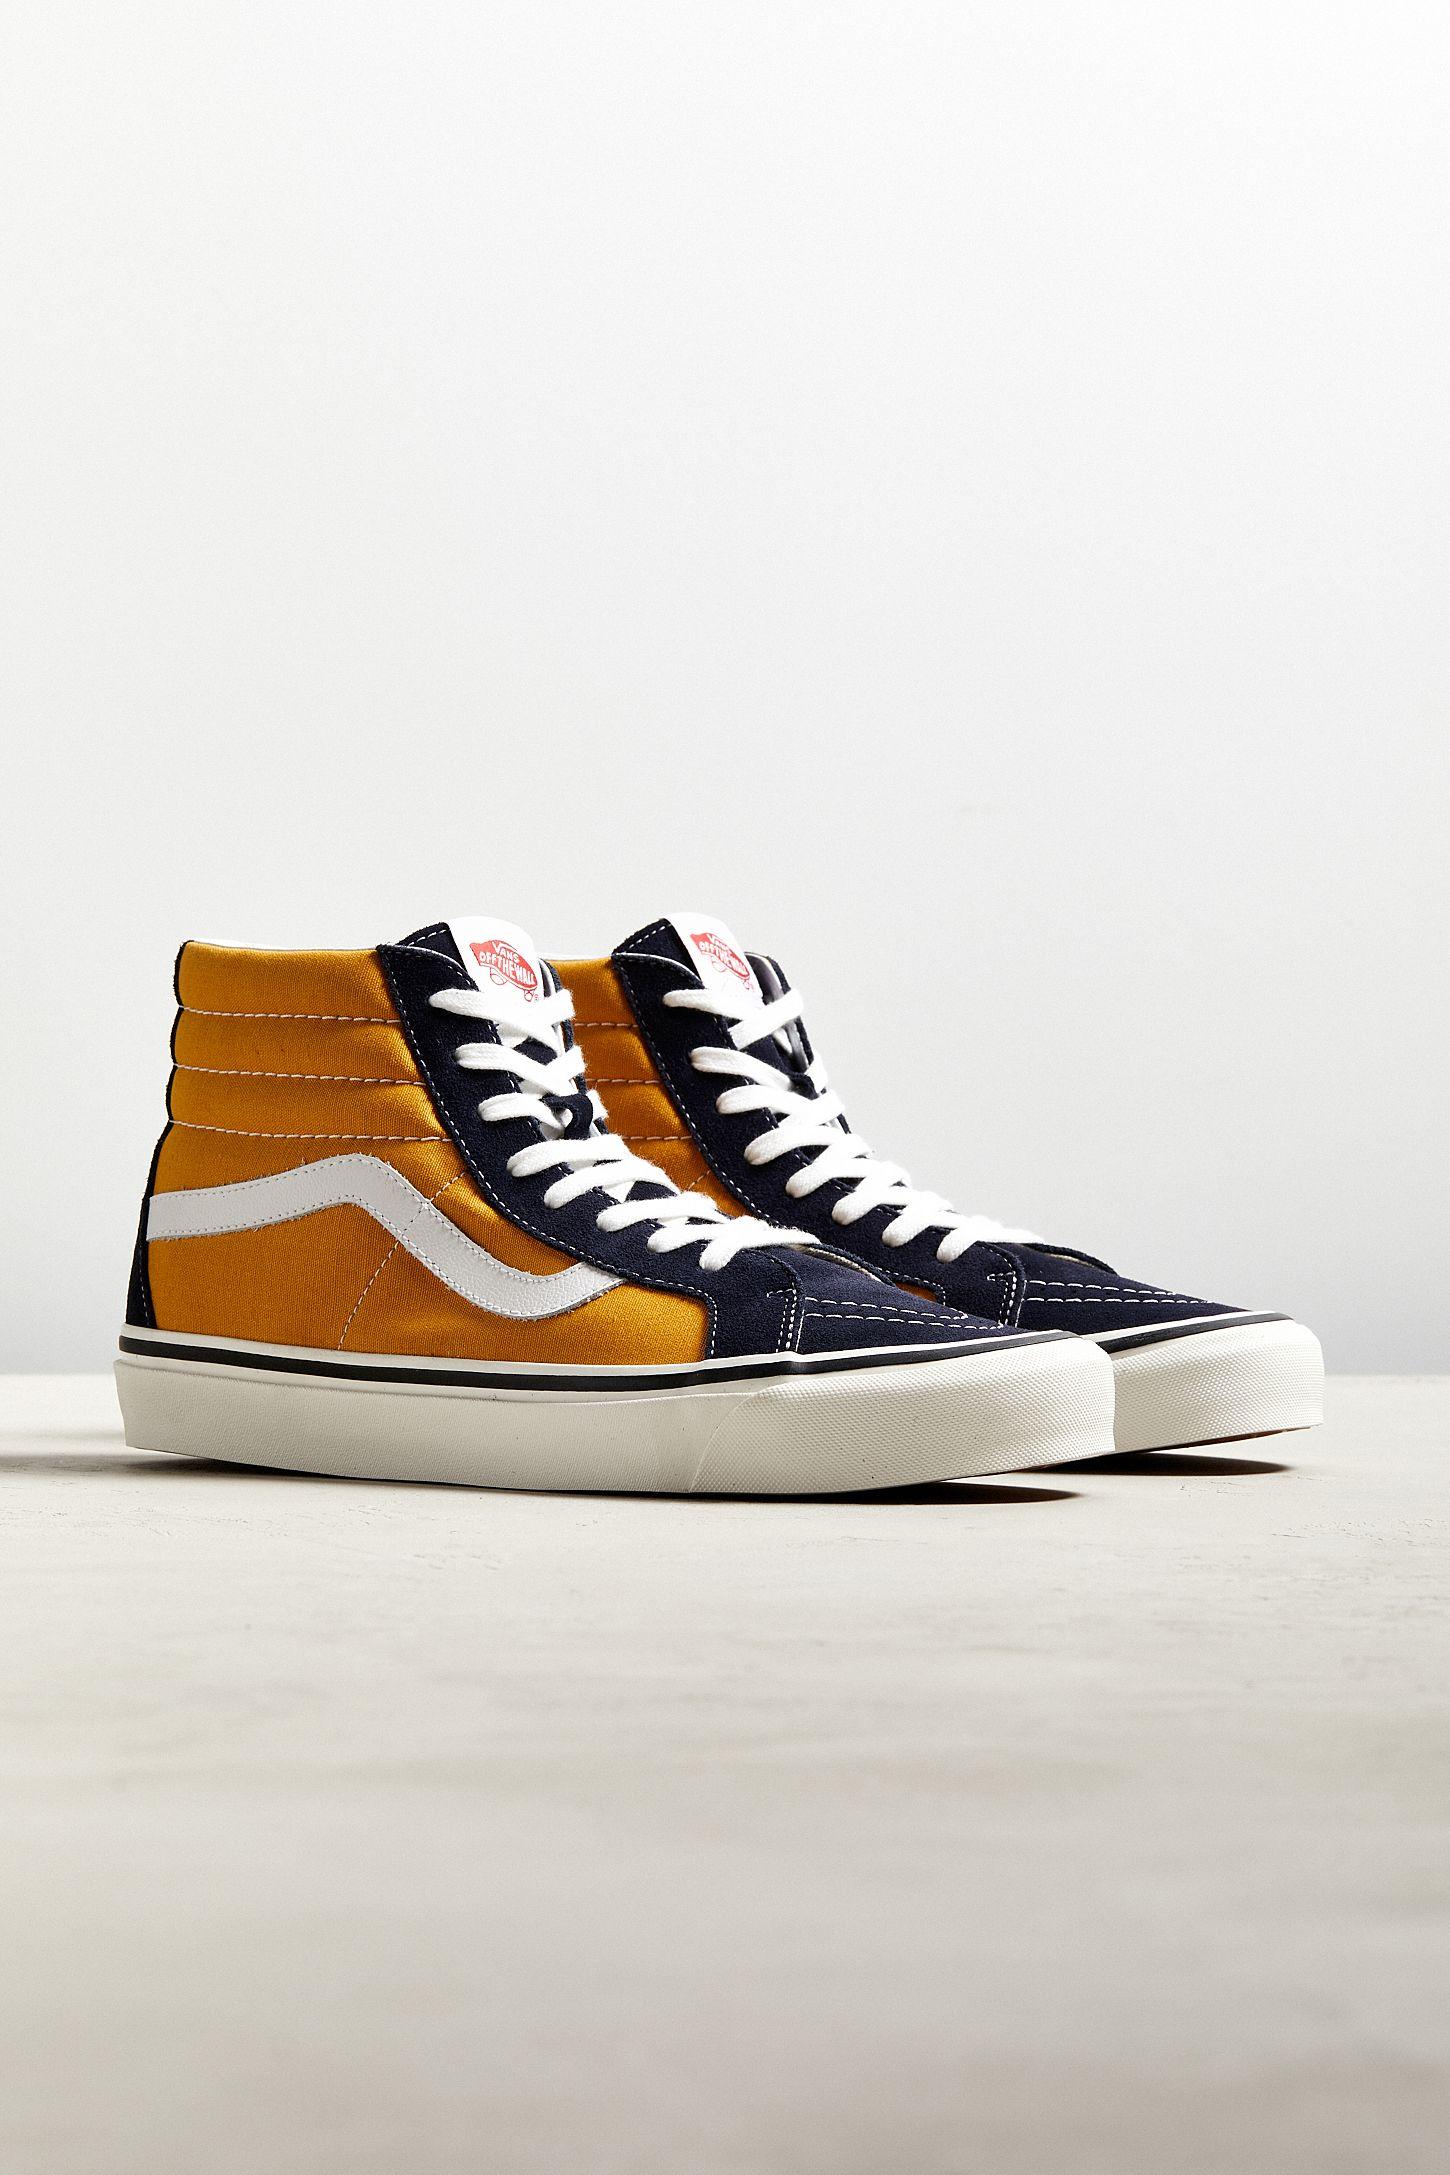 d00604d0c1 Vans Sk8-Hi 38 DX Anaheim Factory Sneaker